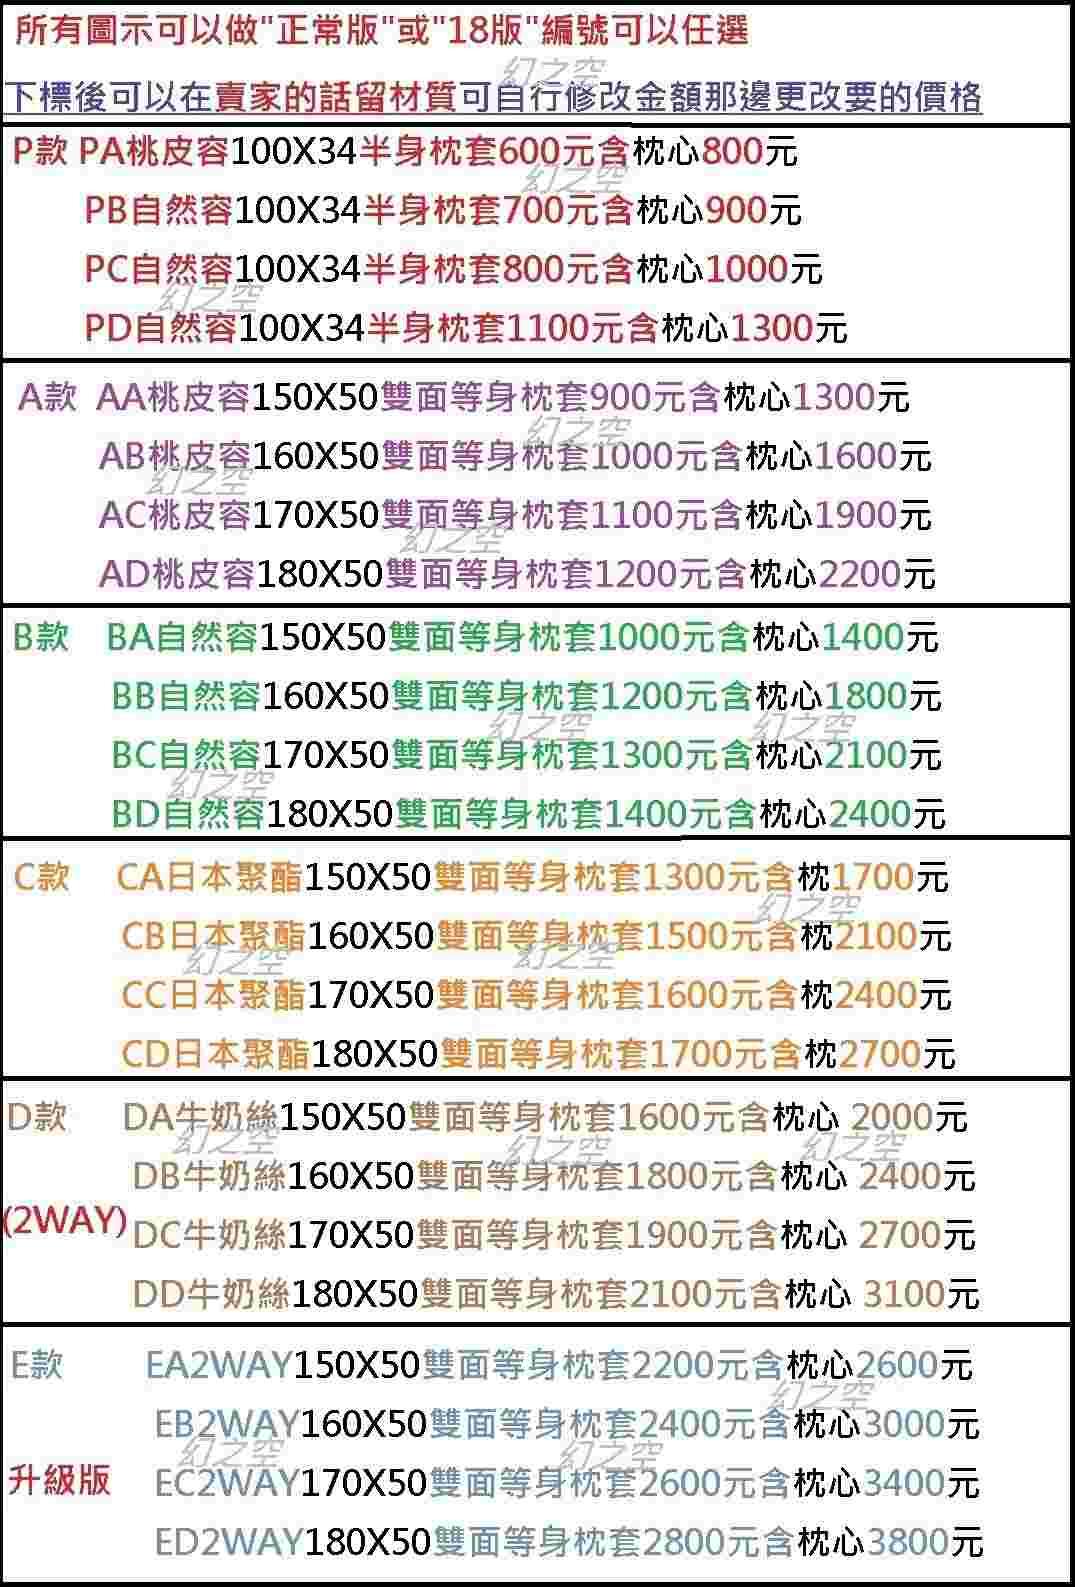 goods_pic2_266562831_20160802112304.jpg